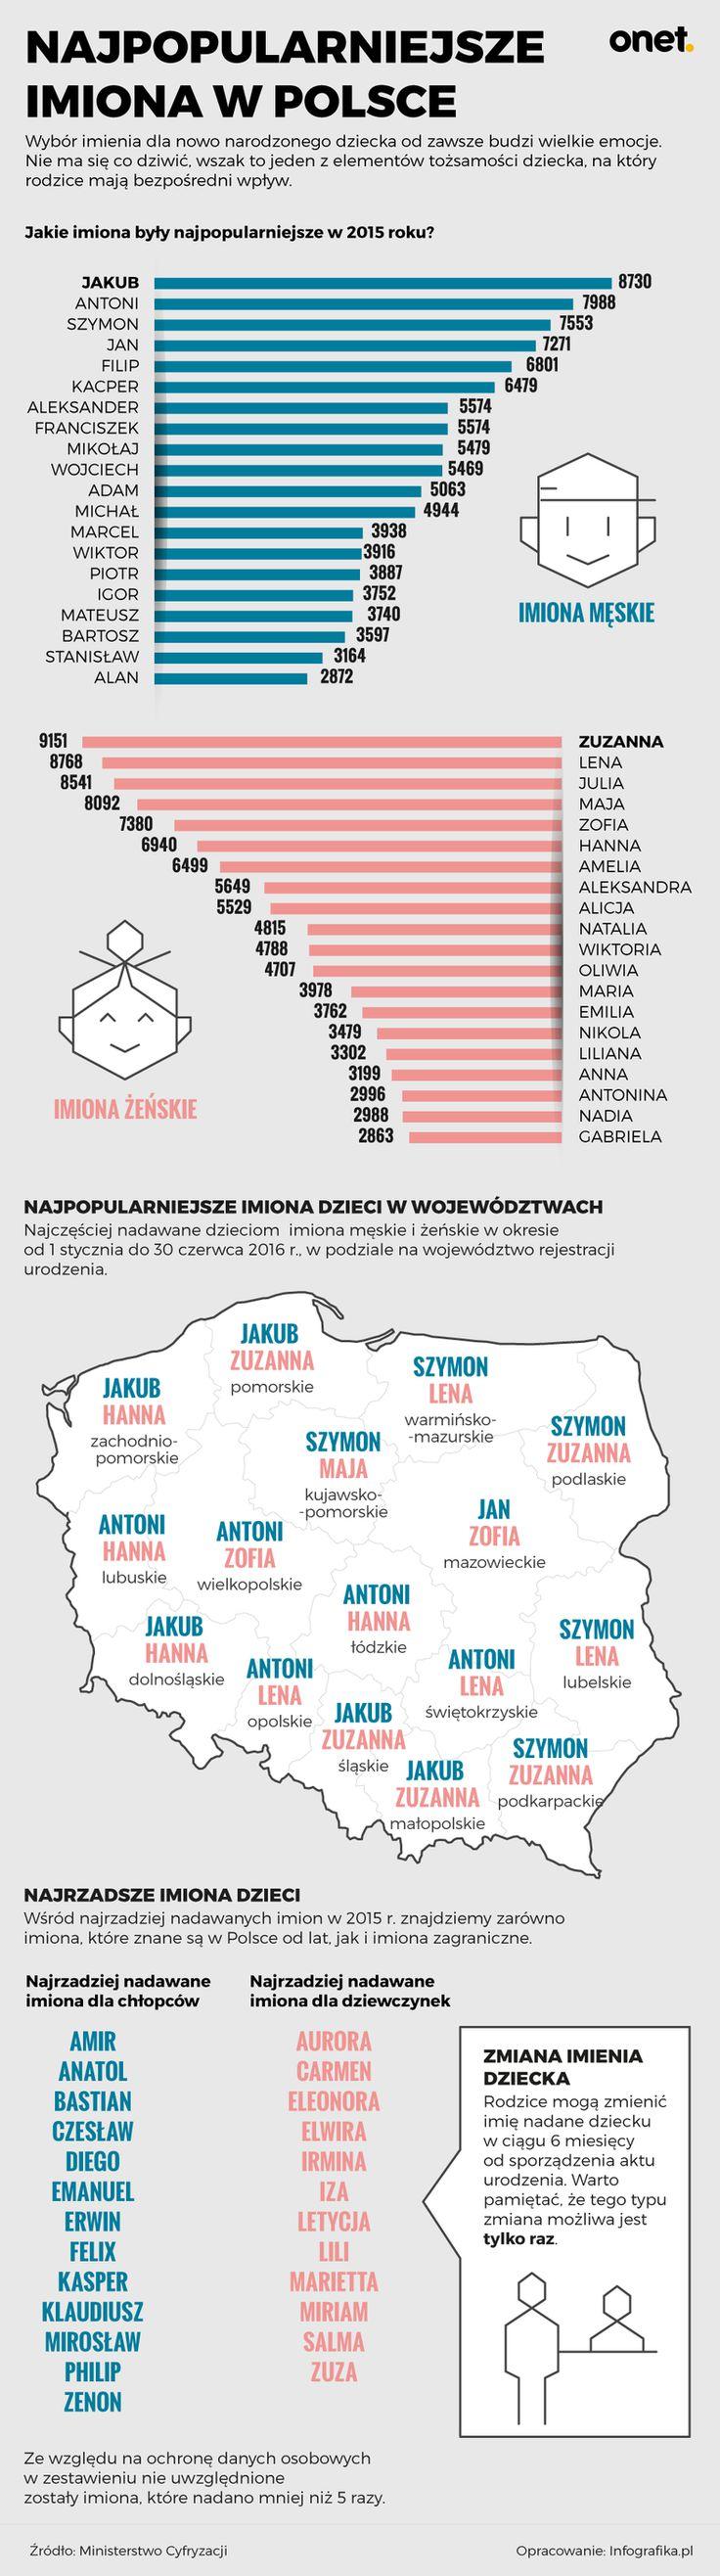 Imiona w Polsce